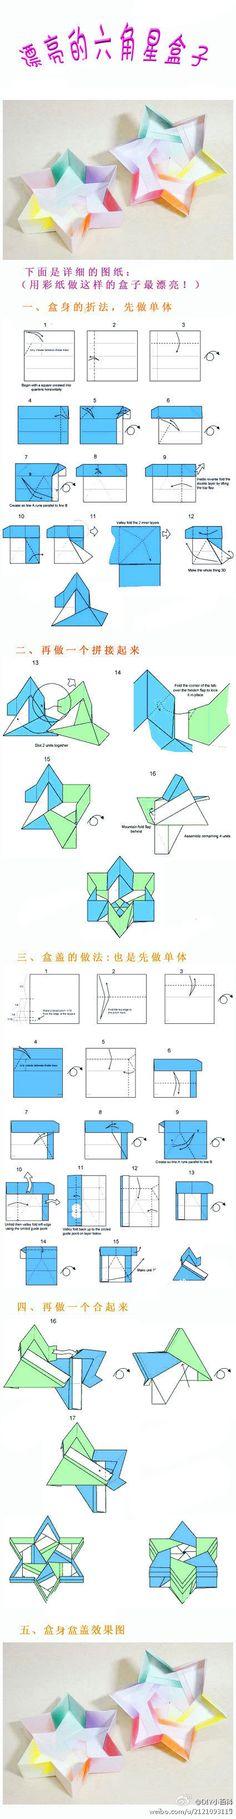 六角星盒子...来自苏儿的图片分享-堆糖